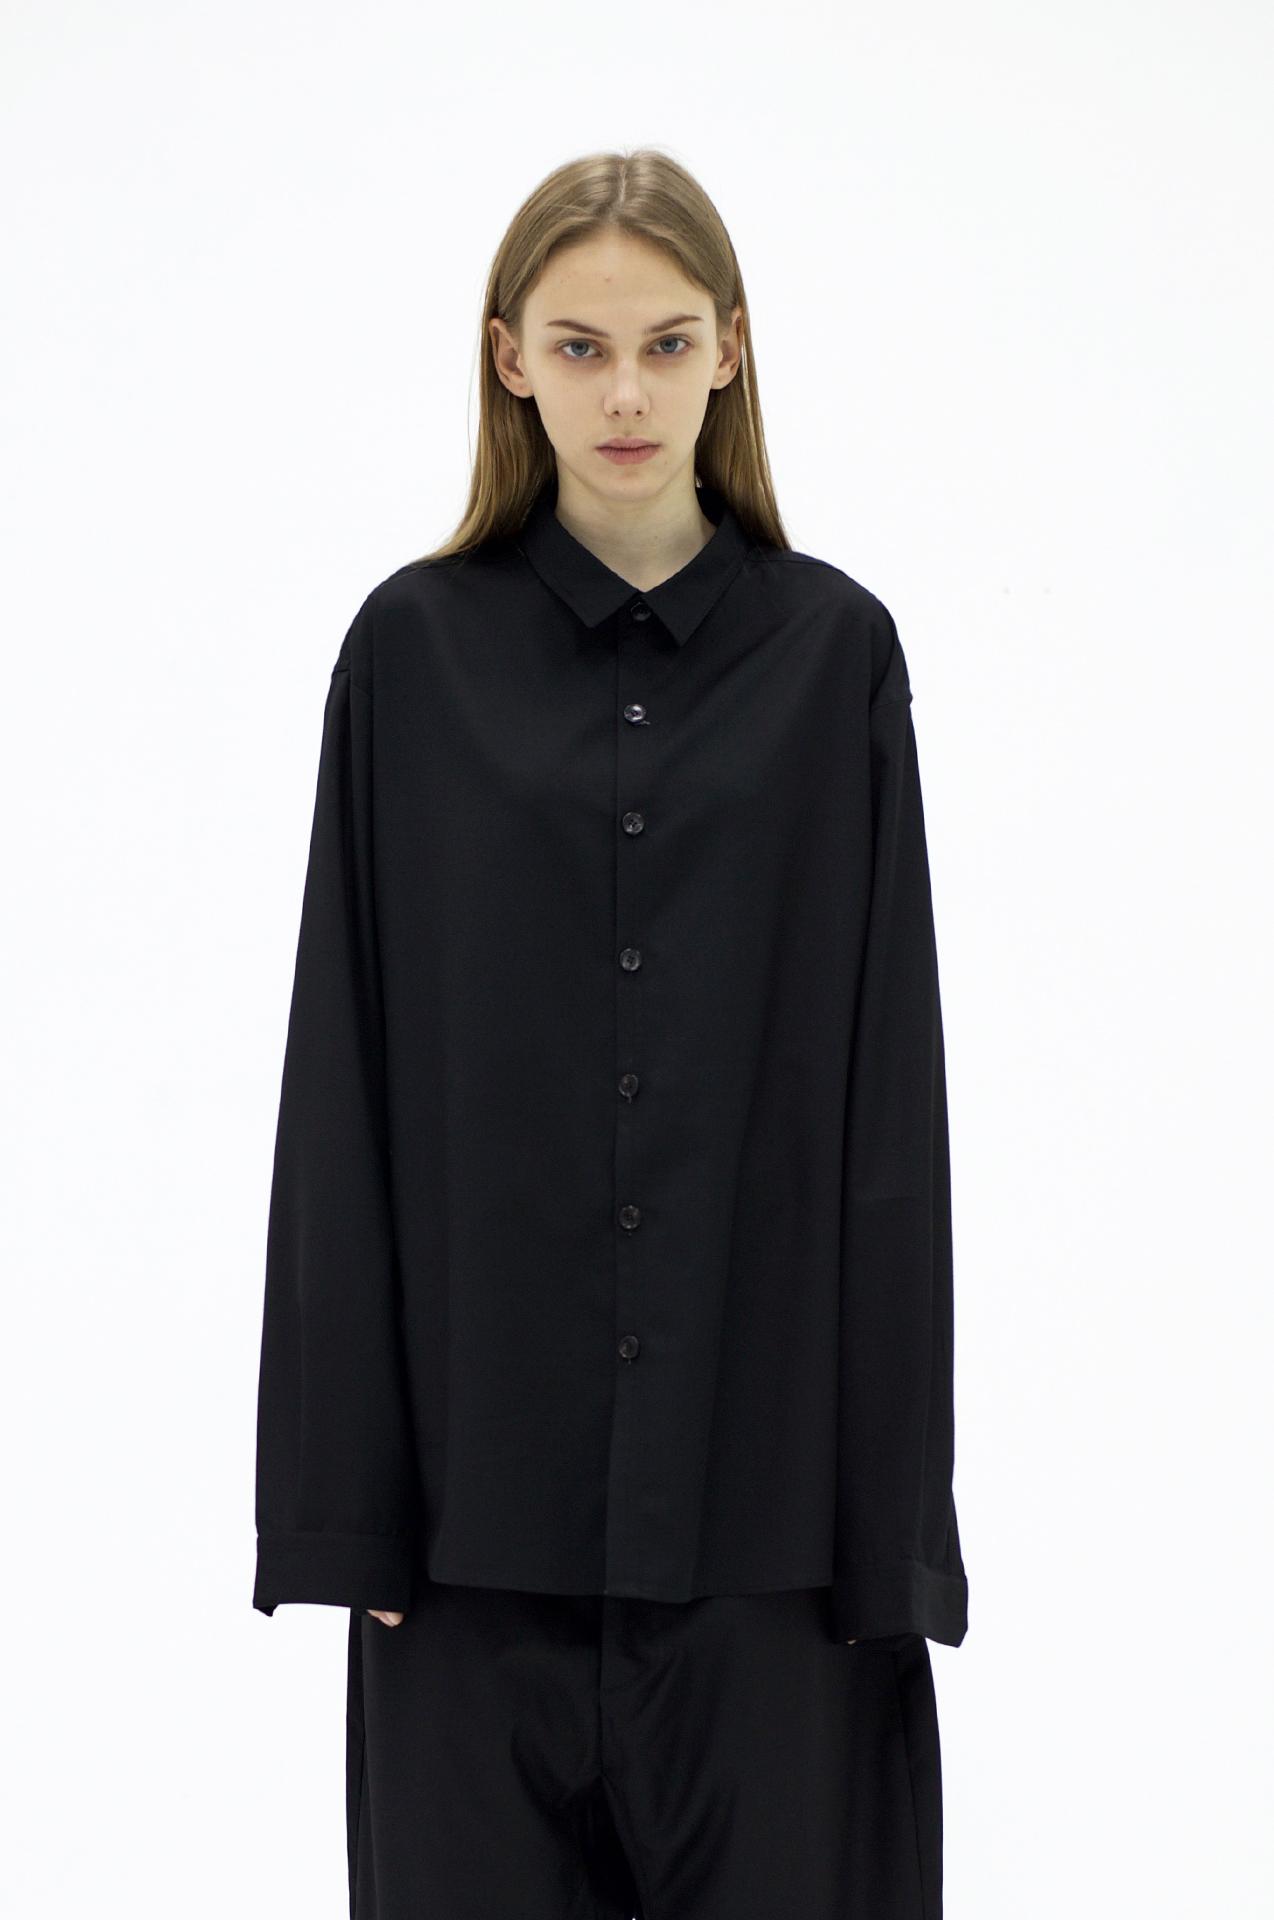 UNKNOWNWORLD FALL/WINTER 2017 廓形剪裁黑衬衫 男女券后368.00元